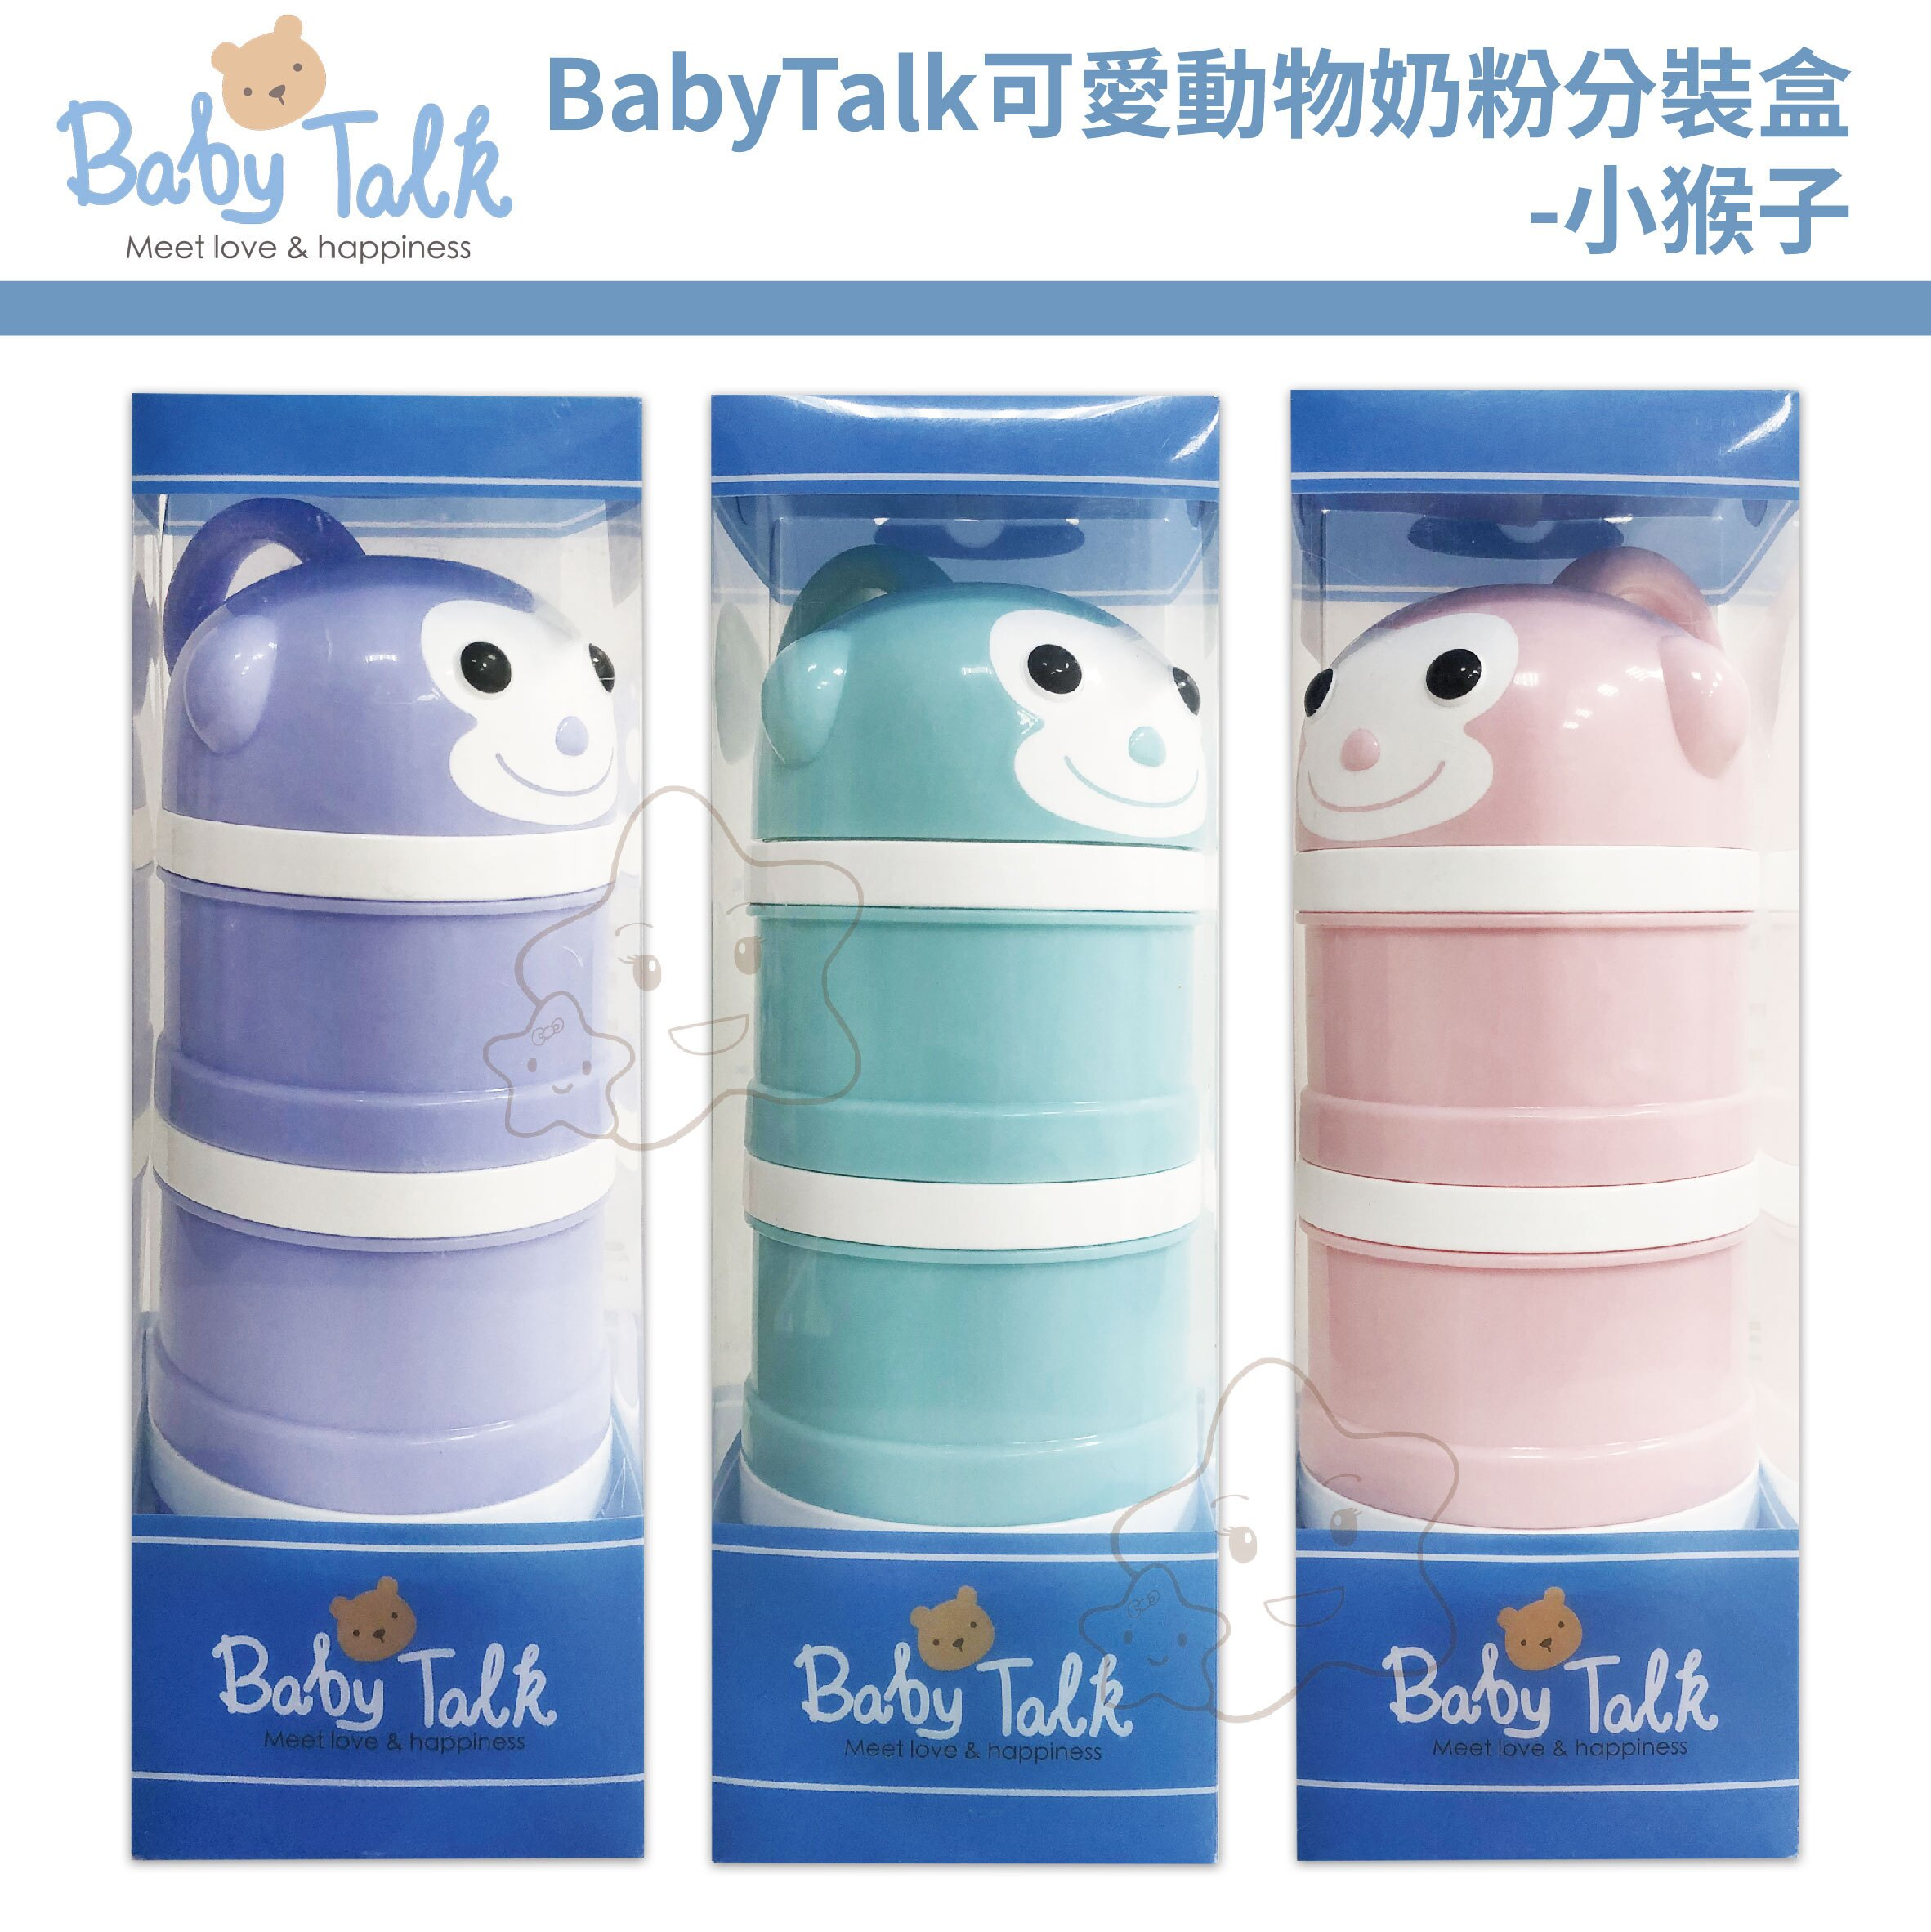 【大成婦嬰】BabyTalk可愛動物奶粉分裝盒-大象、猴子